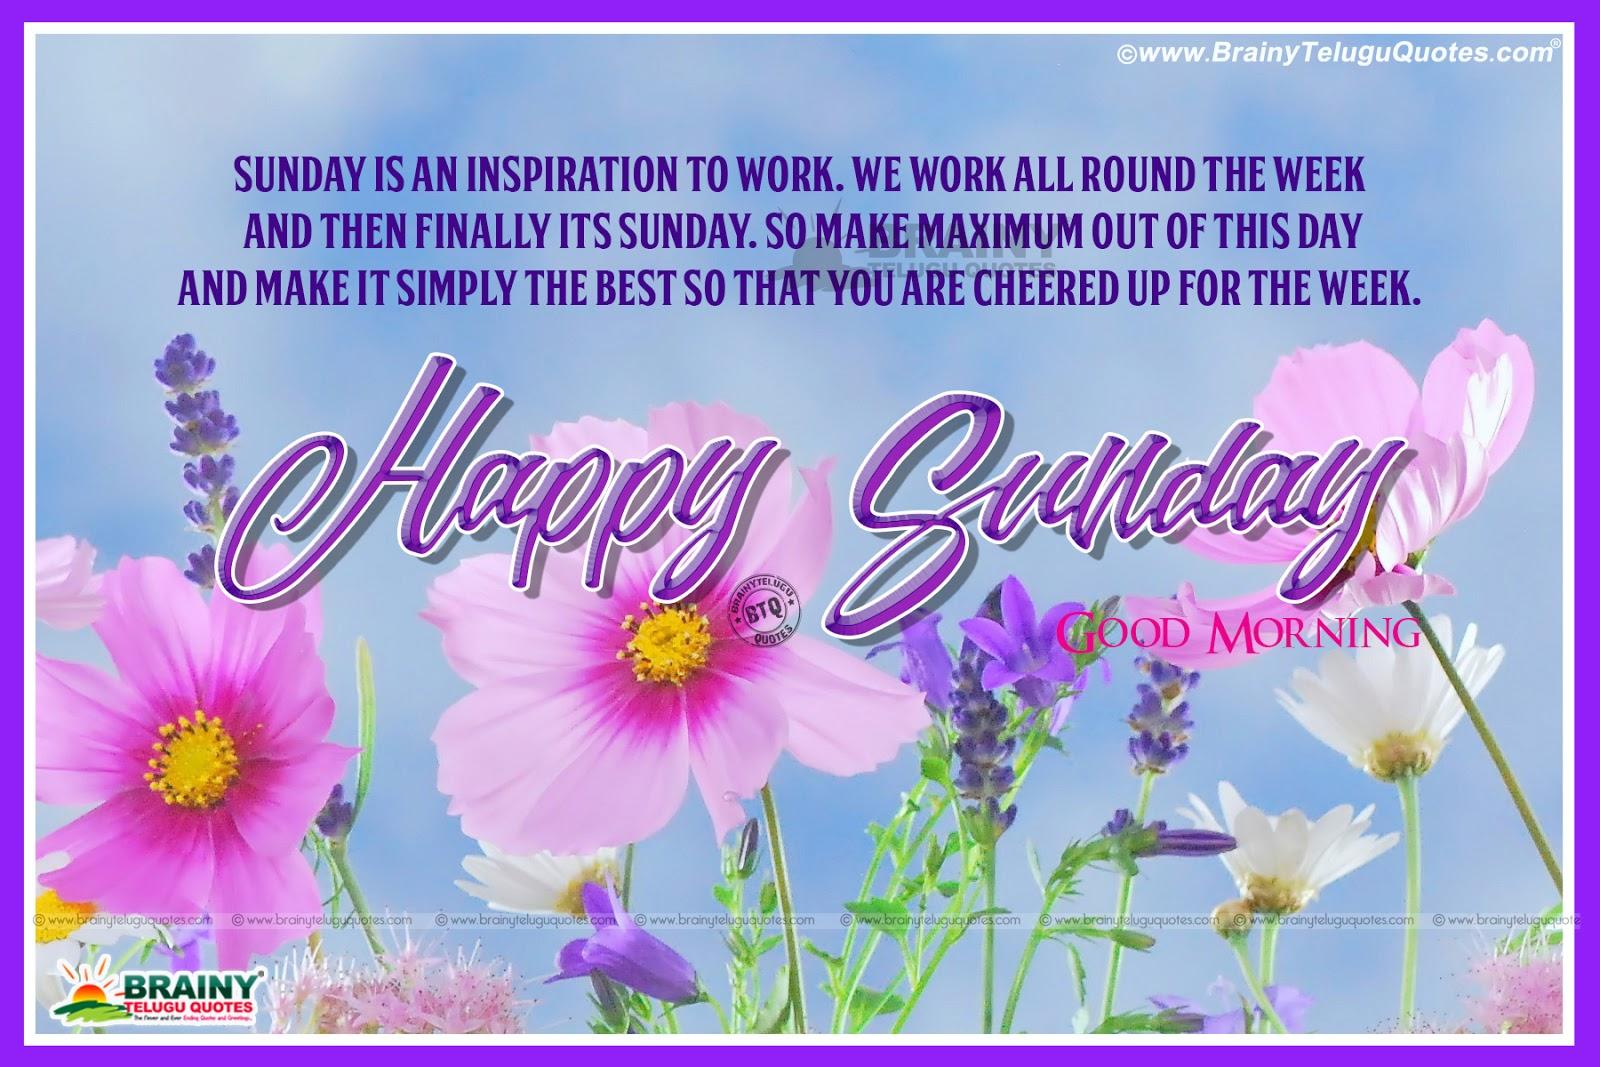 Good Morning Happy Sunday Joyful Quotations in English  BrainyTeluguQuotes.c...